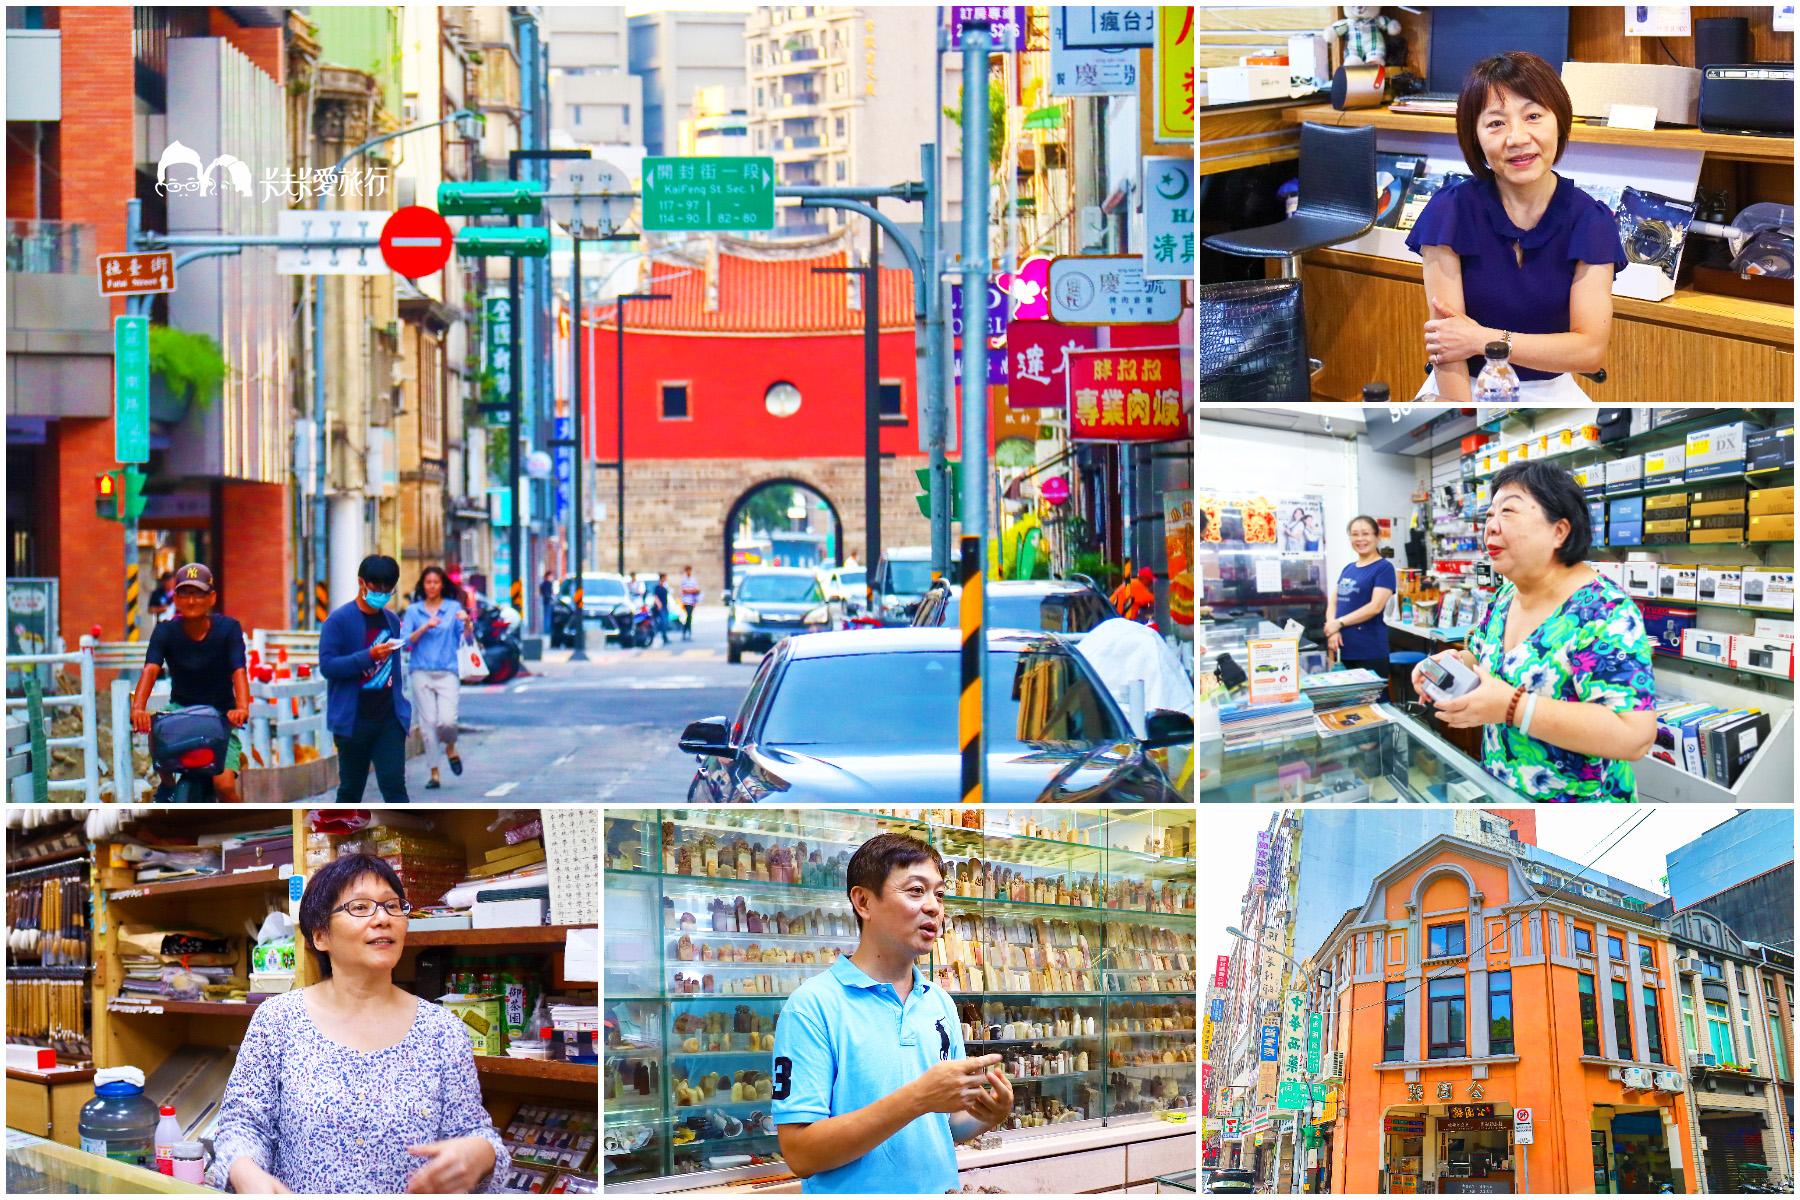 2020臺北商圈嘉年華|大城中商圈|台北車站商圈散步一日遊探秘相機街書街桃源街